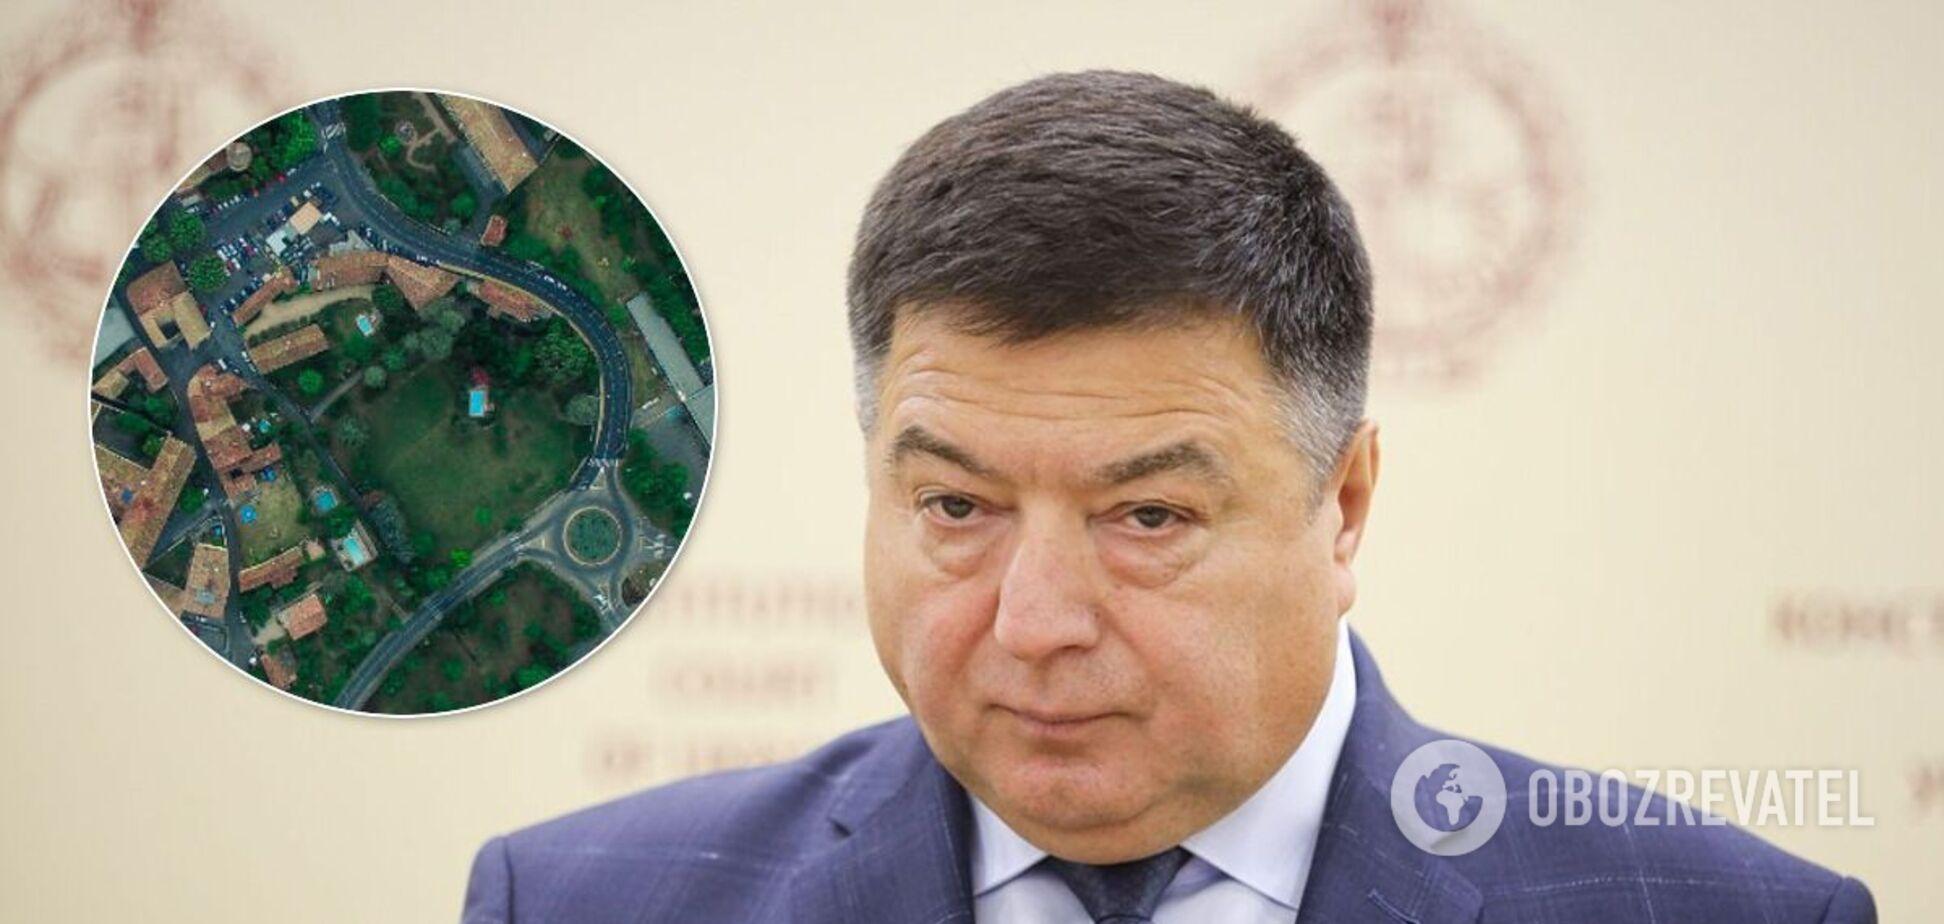 У тещи главы КСУ нашли землю под Киевом на миллионы гривен: чем еще владеет семья